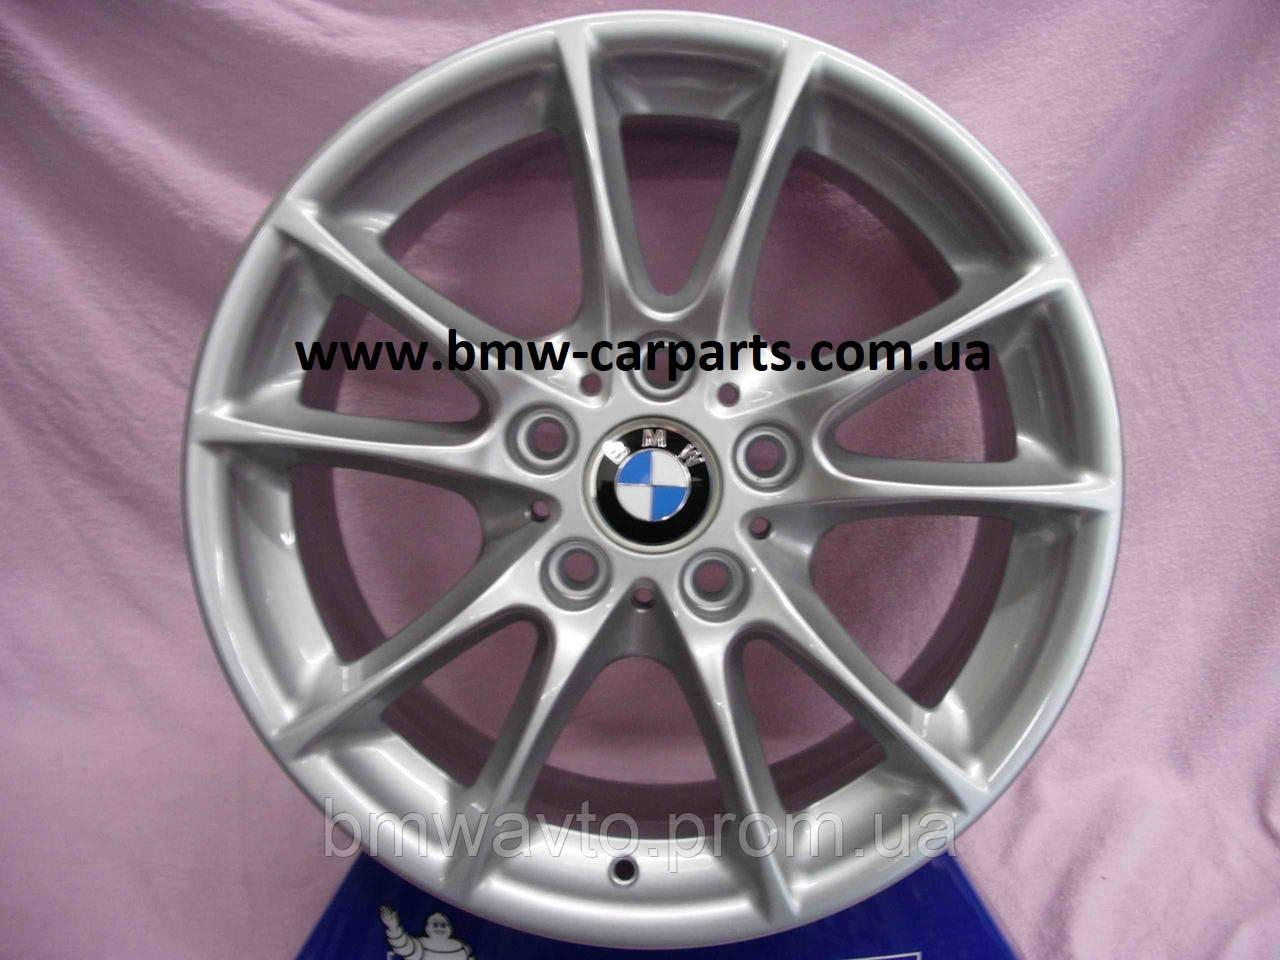 Литий диск BMW Radial Spoke 50